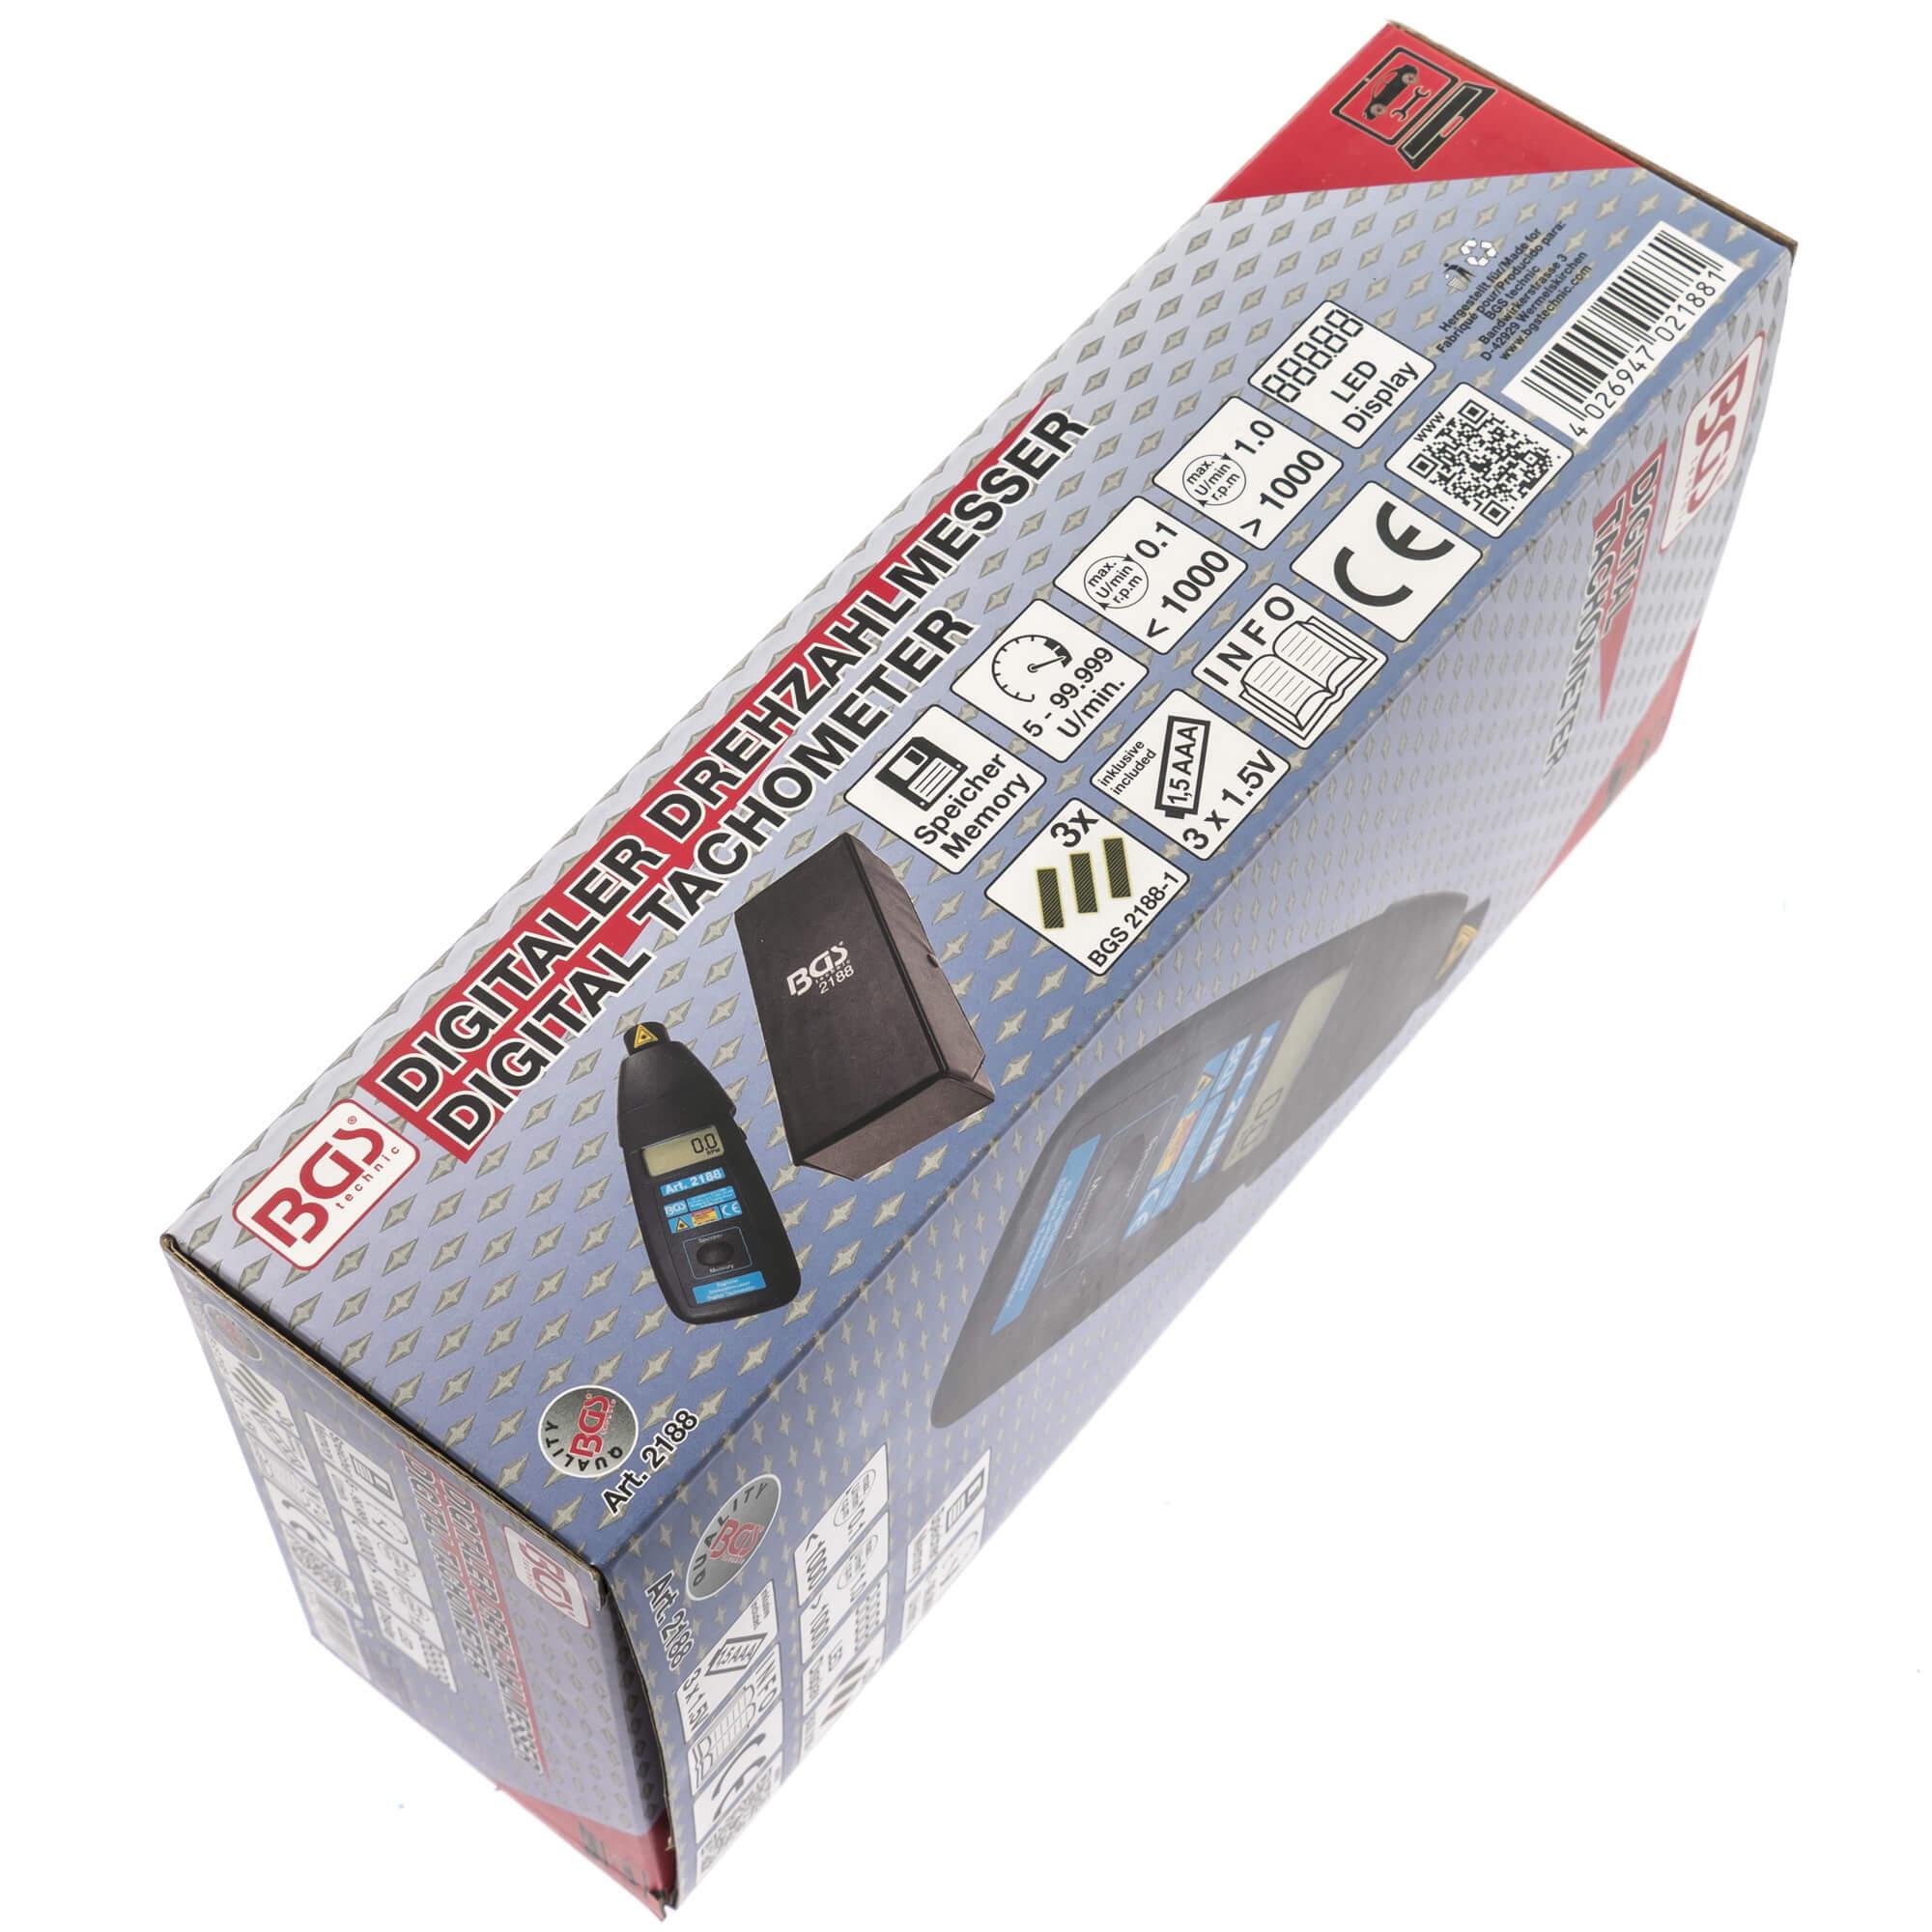 BGS 2188 Digitaler Drehzahlmesser Laser Messgerät Digital LCD Tachometer